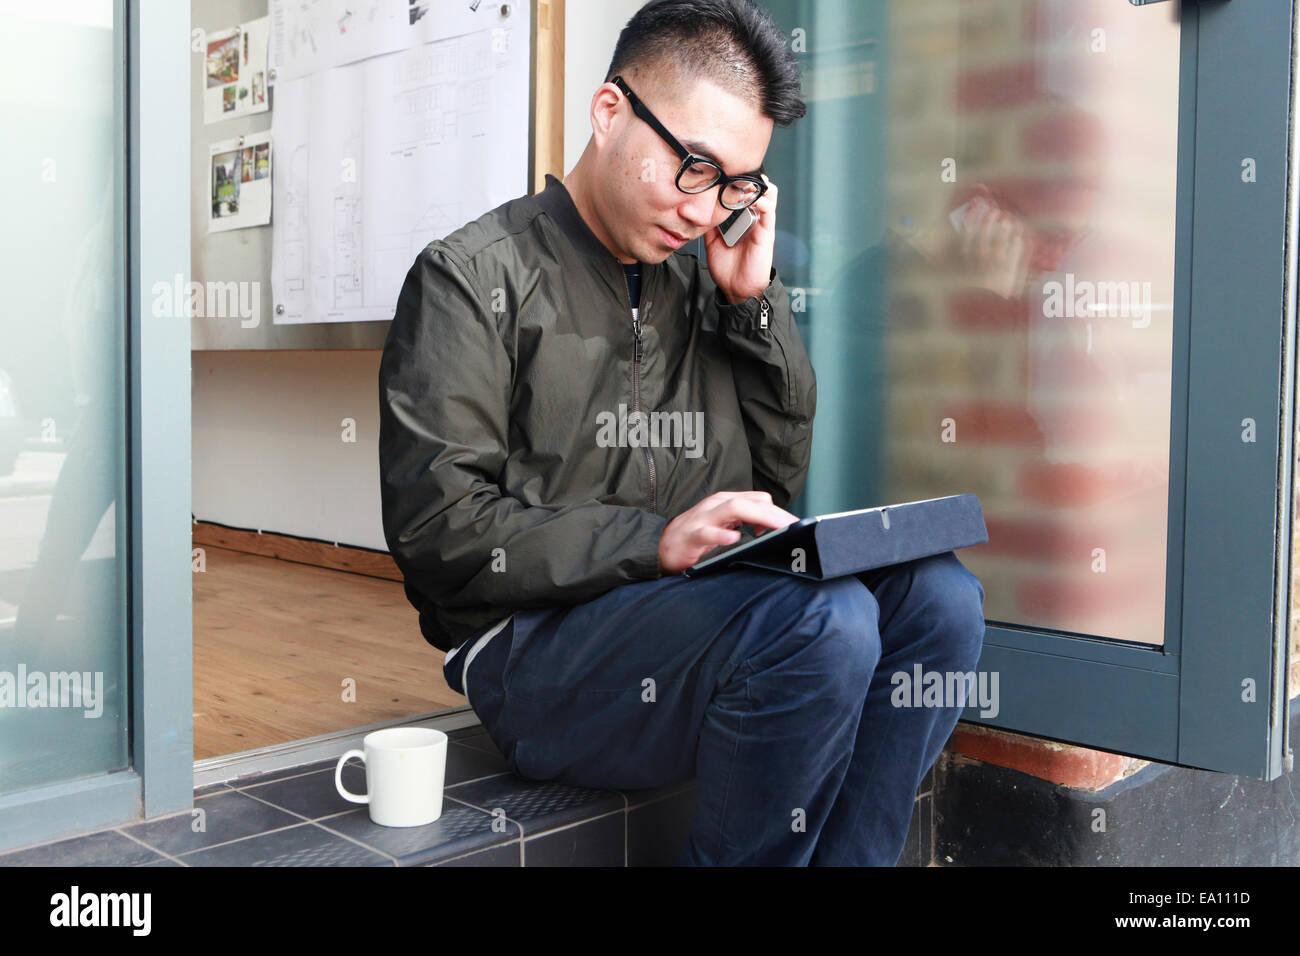 Architetto maschio utilizza lo smartphone e tablet digitale su office step Immagini Stock